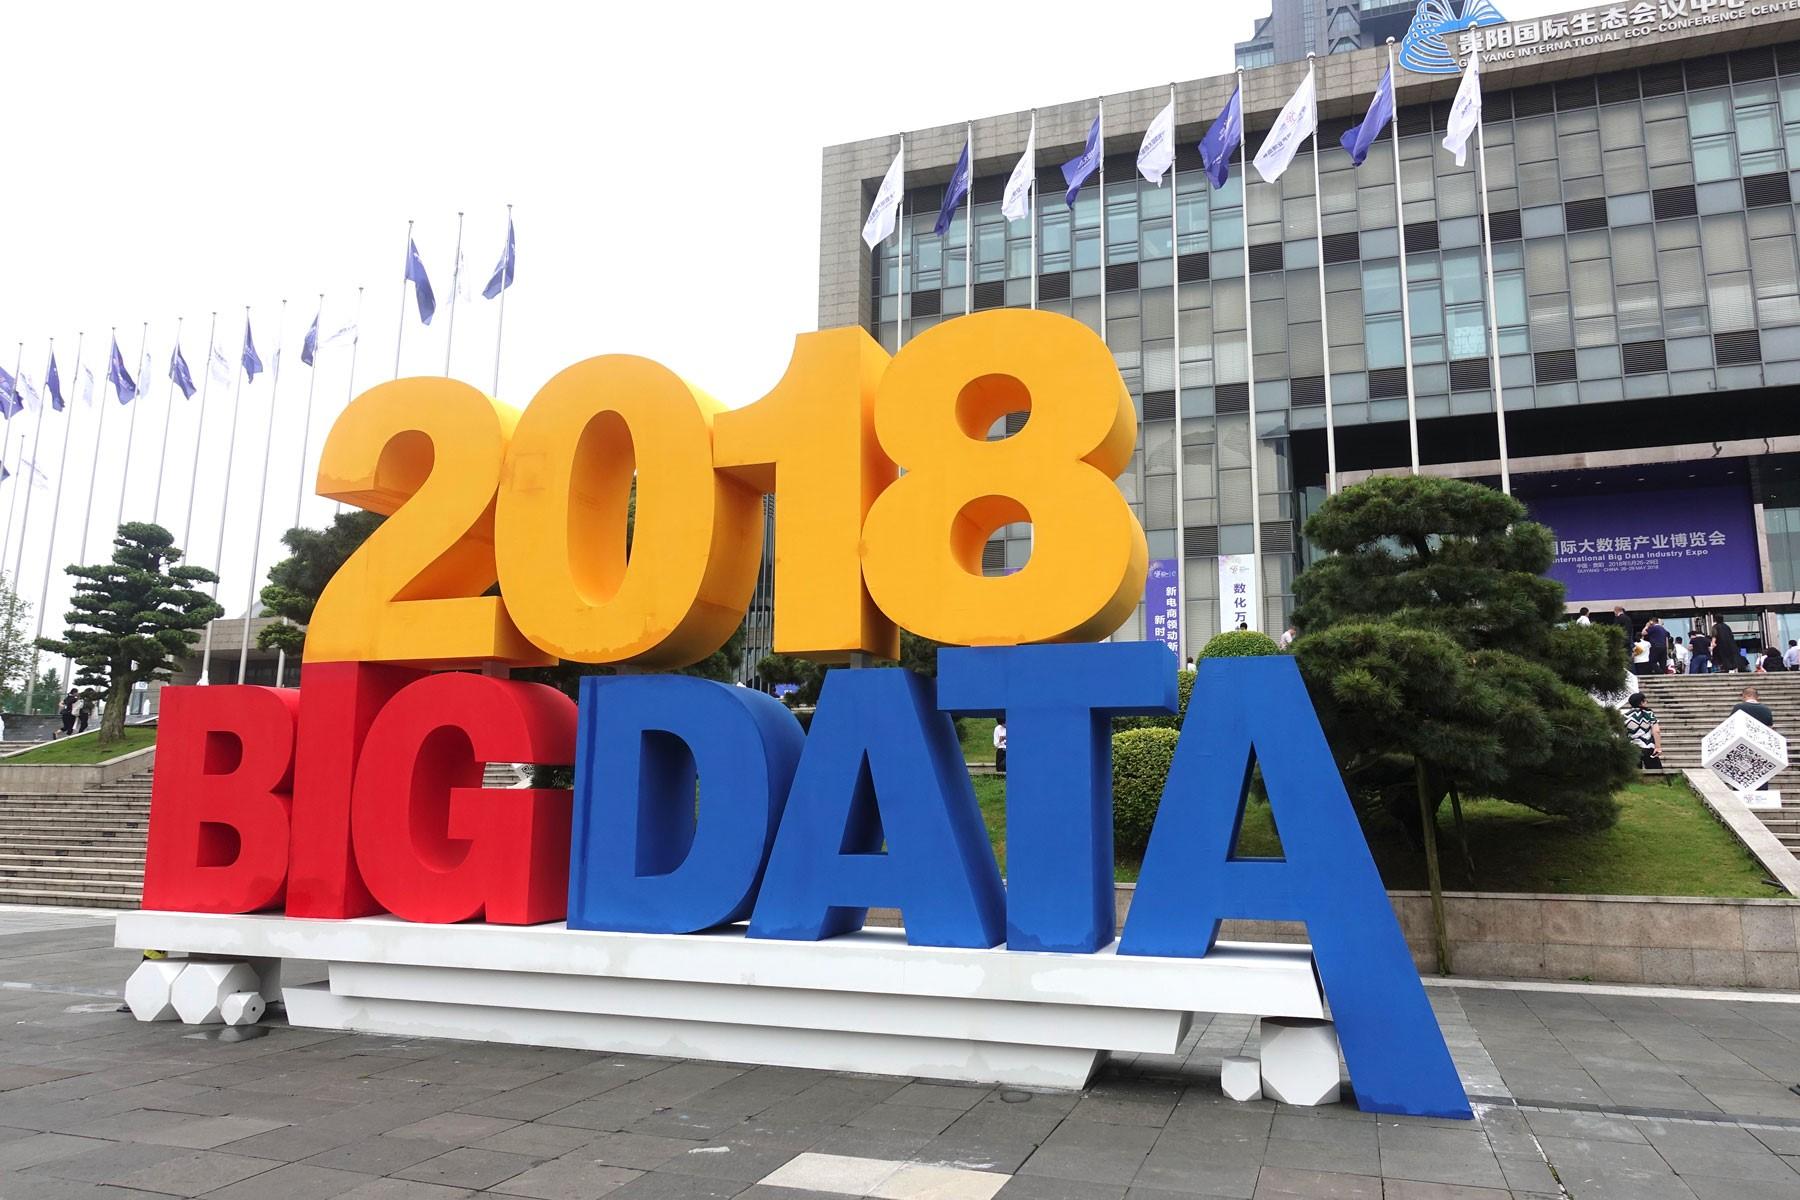 2018数博会 自如诠释大数据提升品质租住生活